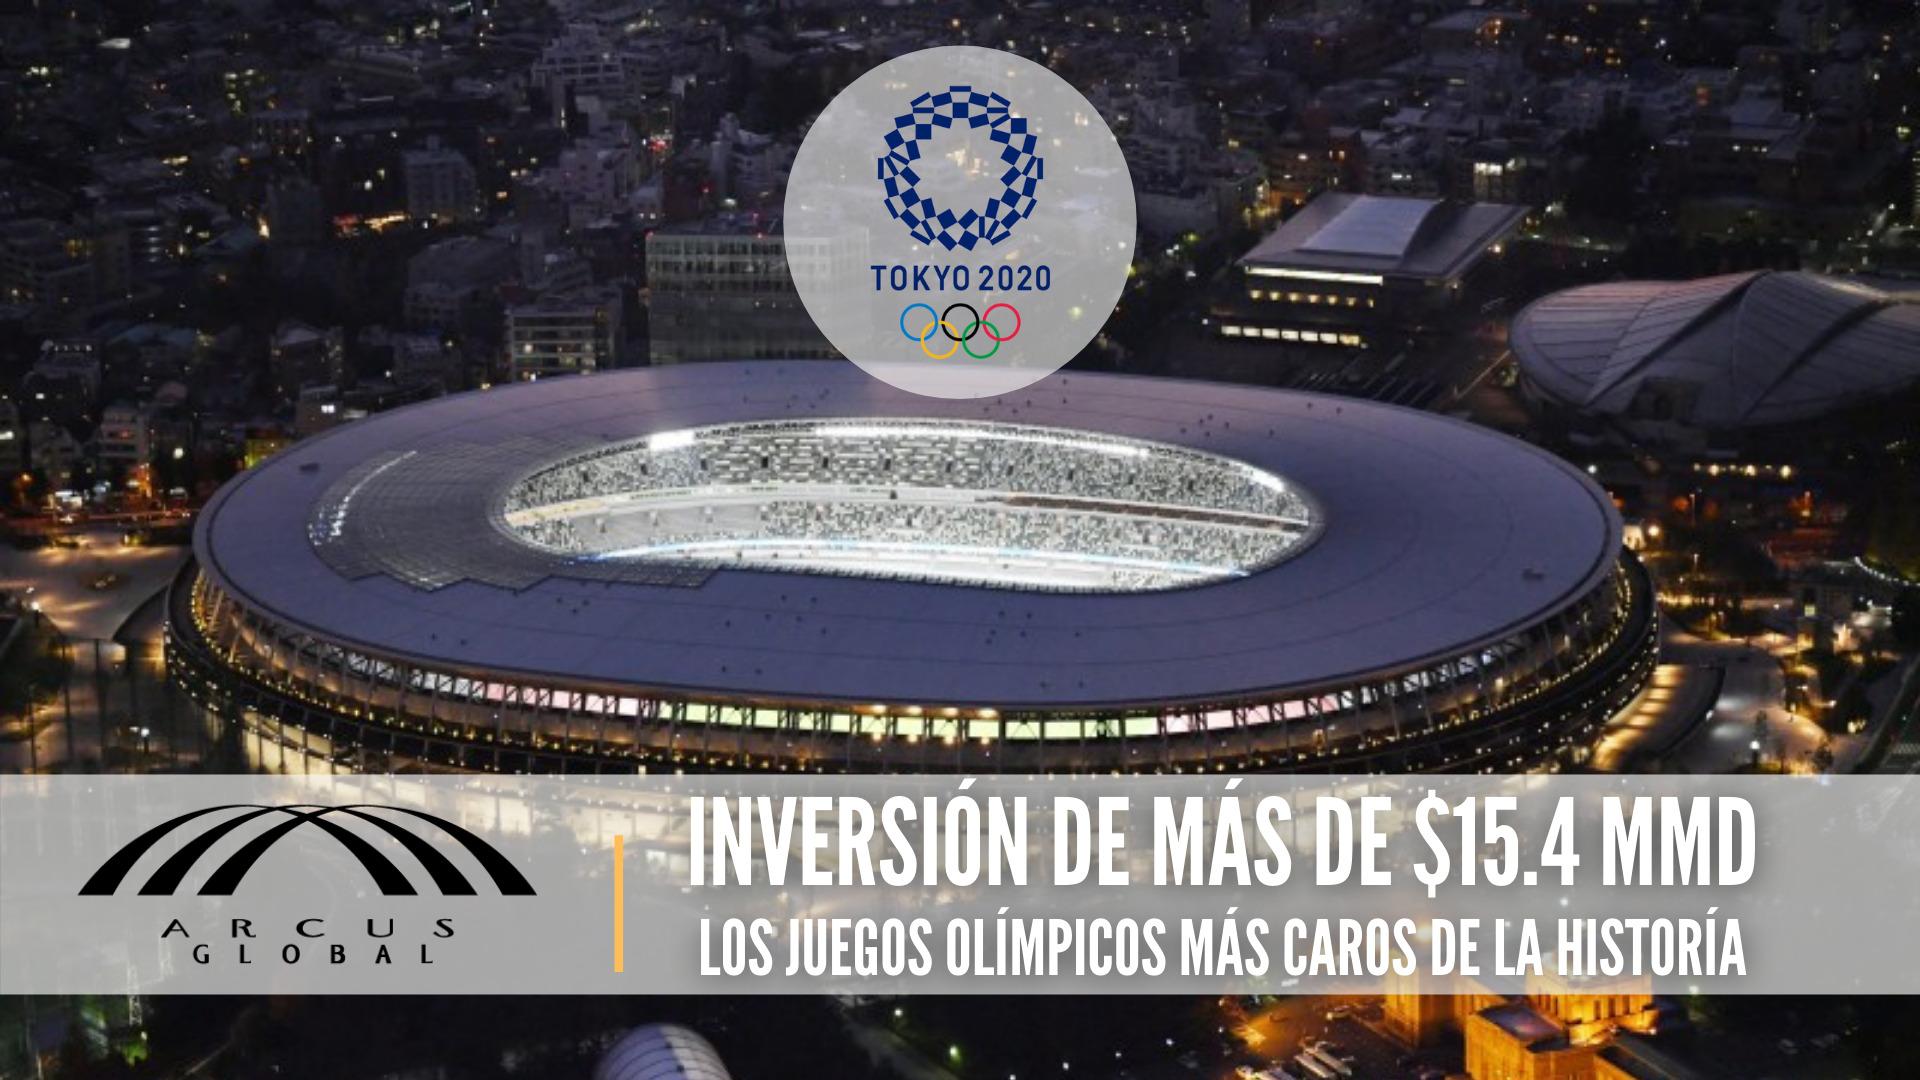 Inversión y gastos para los juegos olímpicos de Tokio 2020